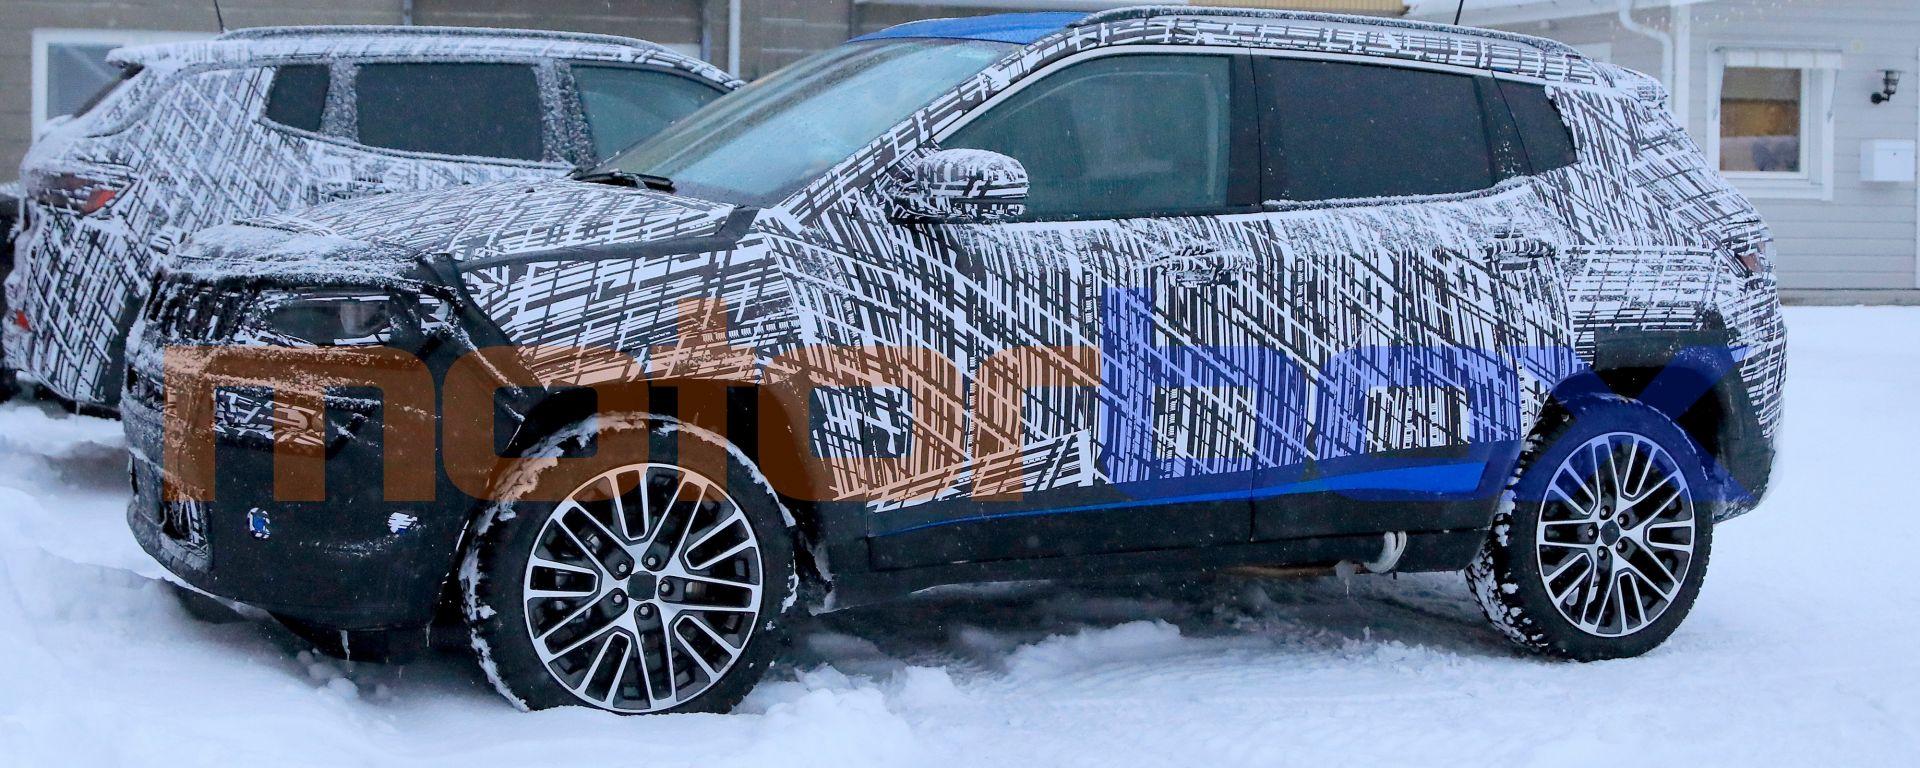 Nuova Jeep Compass 2021: i collaudi sulla neve della Svezia